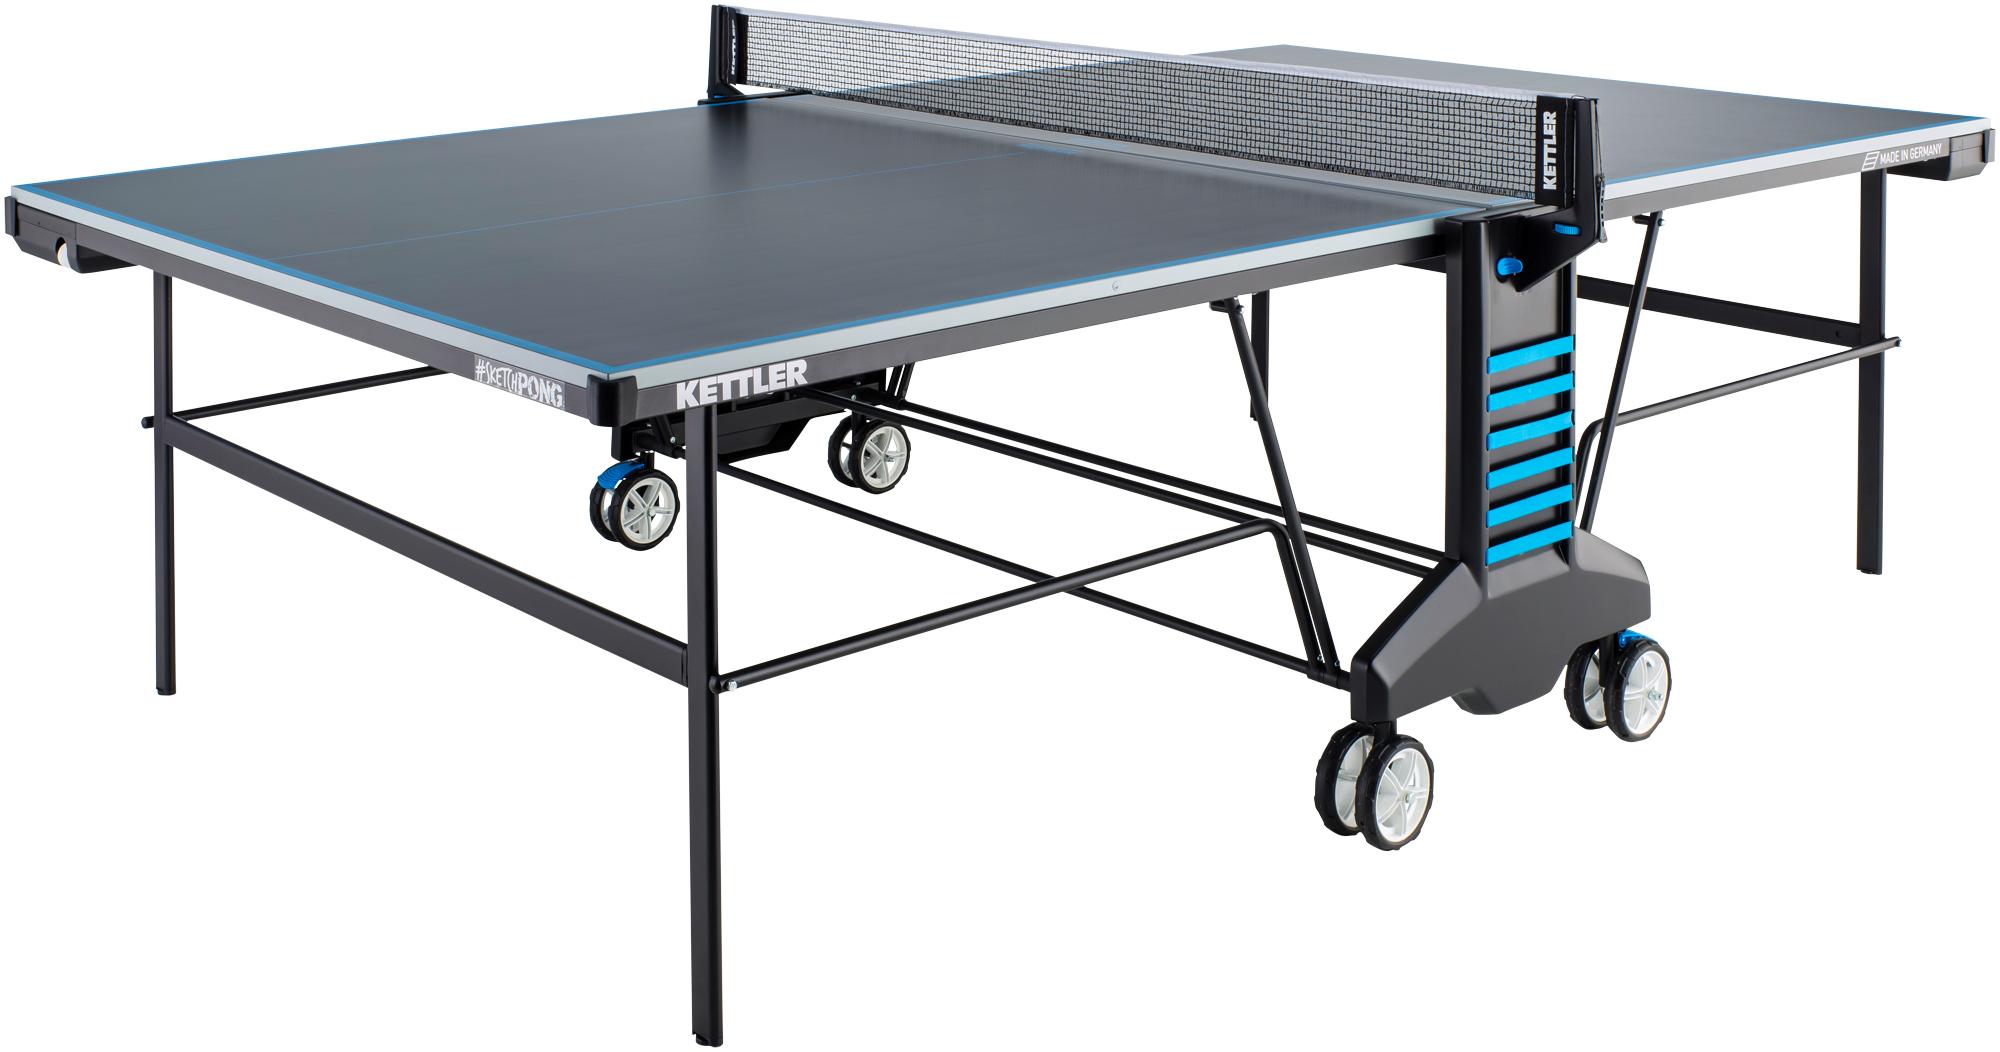 Kettler Теннисный стол всепогодный Kettler Sketch & Pong Outdoor